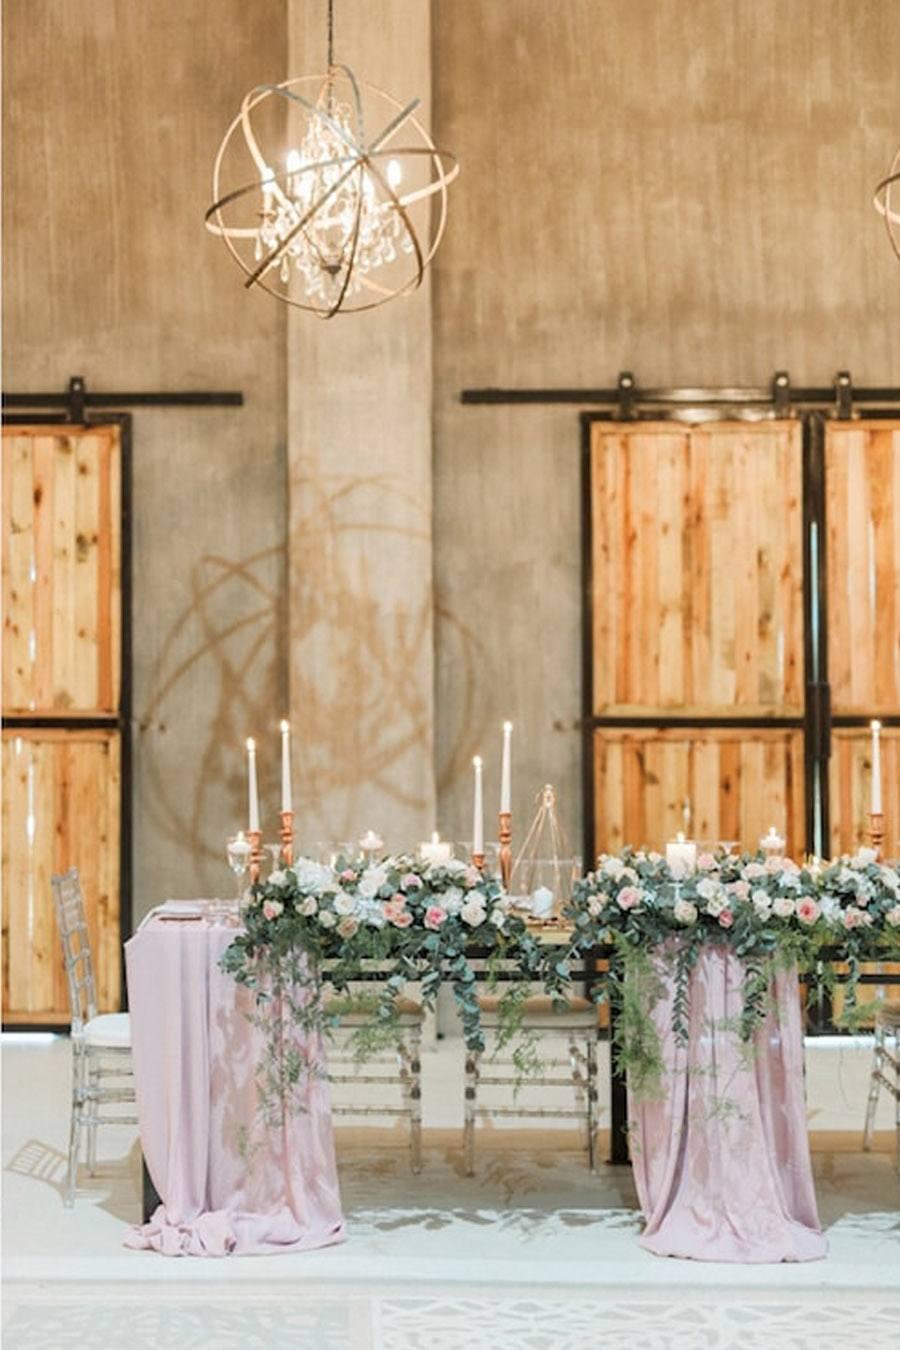 DECORACIÓN DE BODA EN ROSA Y ORO decoracion-boda-rosa-oro